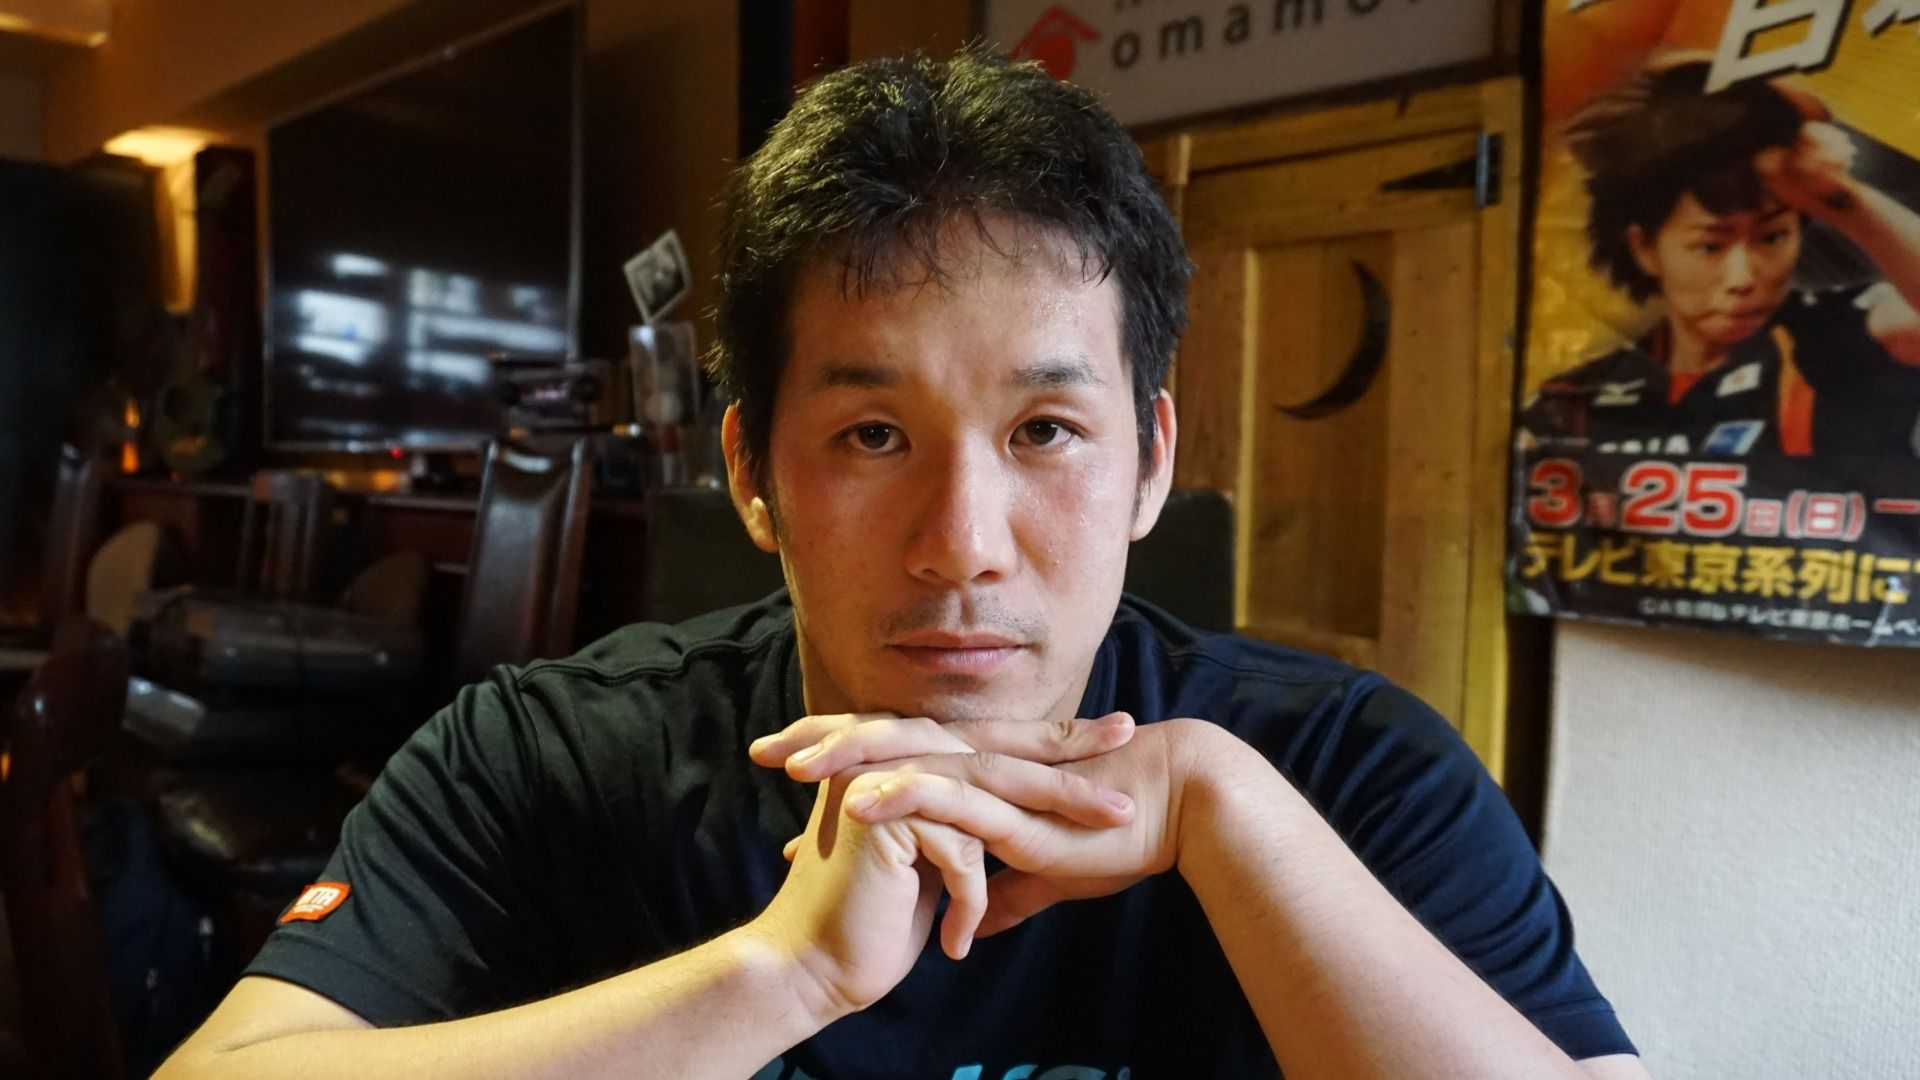 ある卓球ストーカーの全日本 弁護士への道も公務員の職も捨てて・・・(伊藤条太) - 個人 - Yahoo!ニュース